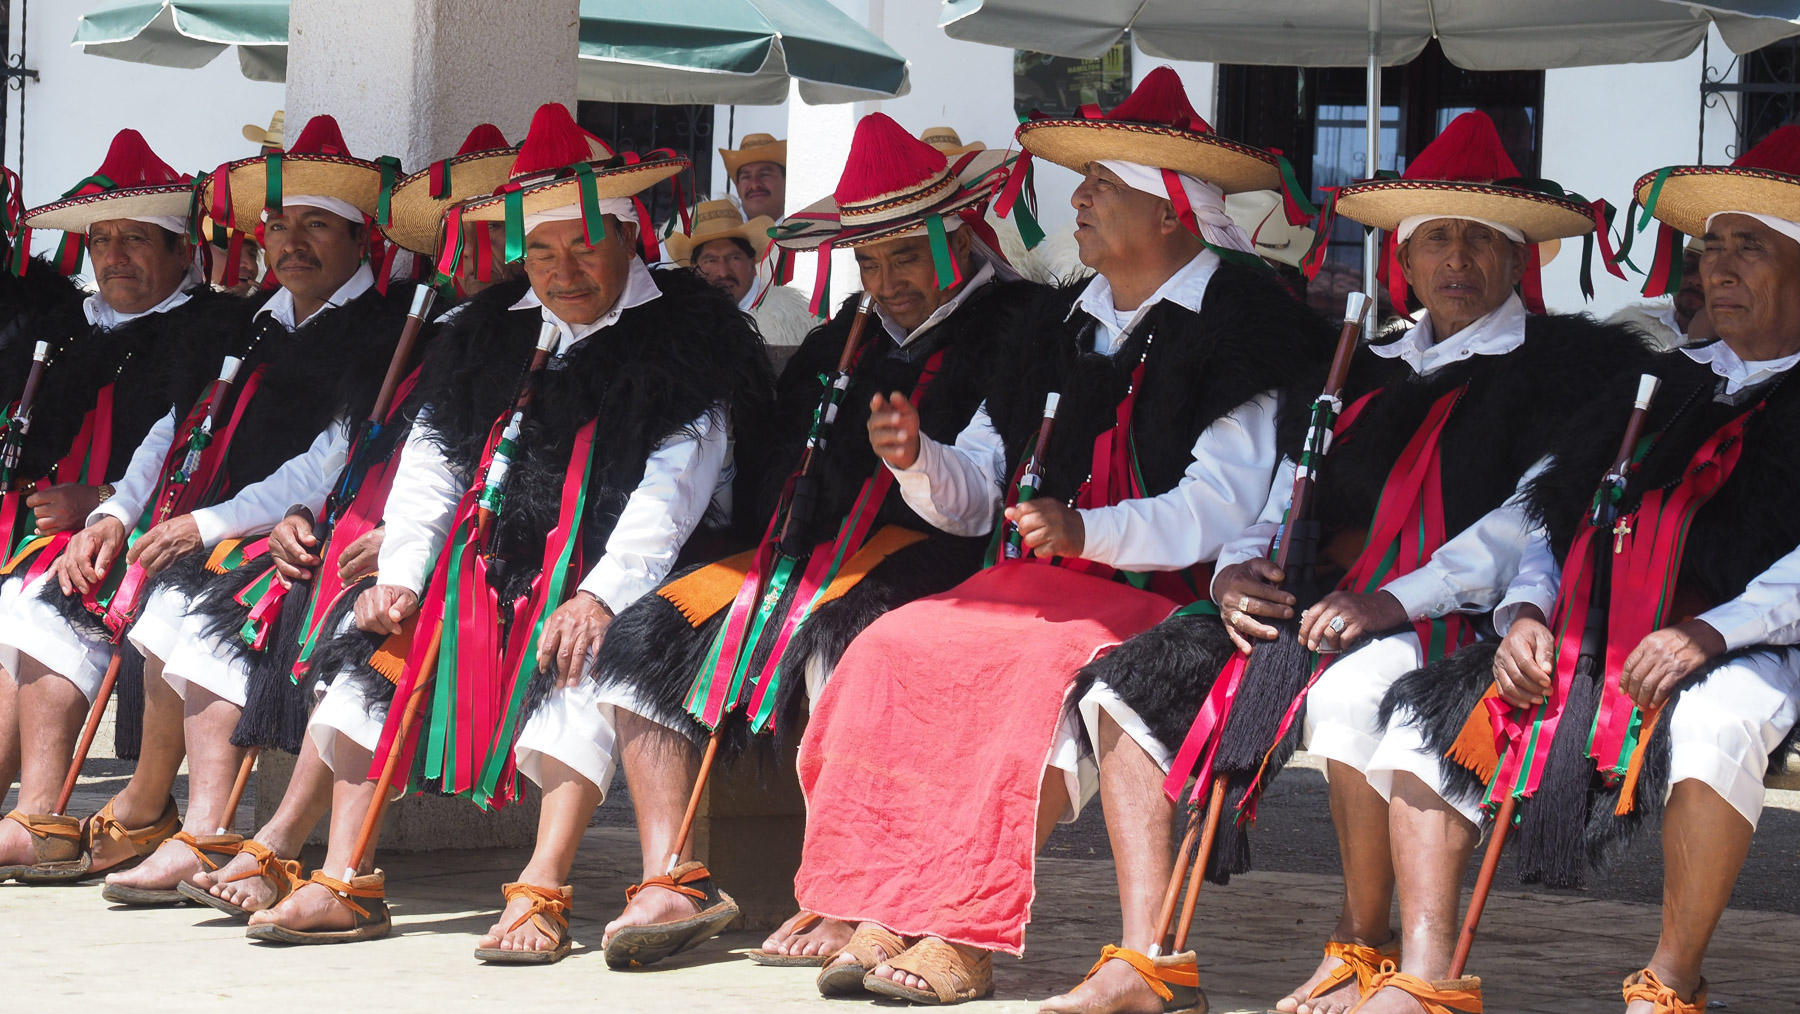 Die Würdenträger des Dorfes in ihrer Tracht